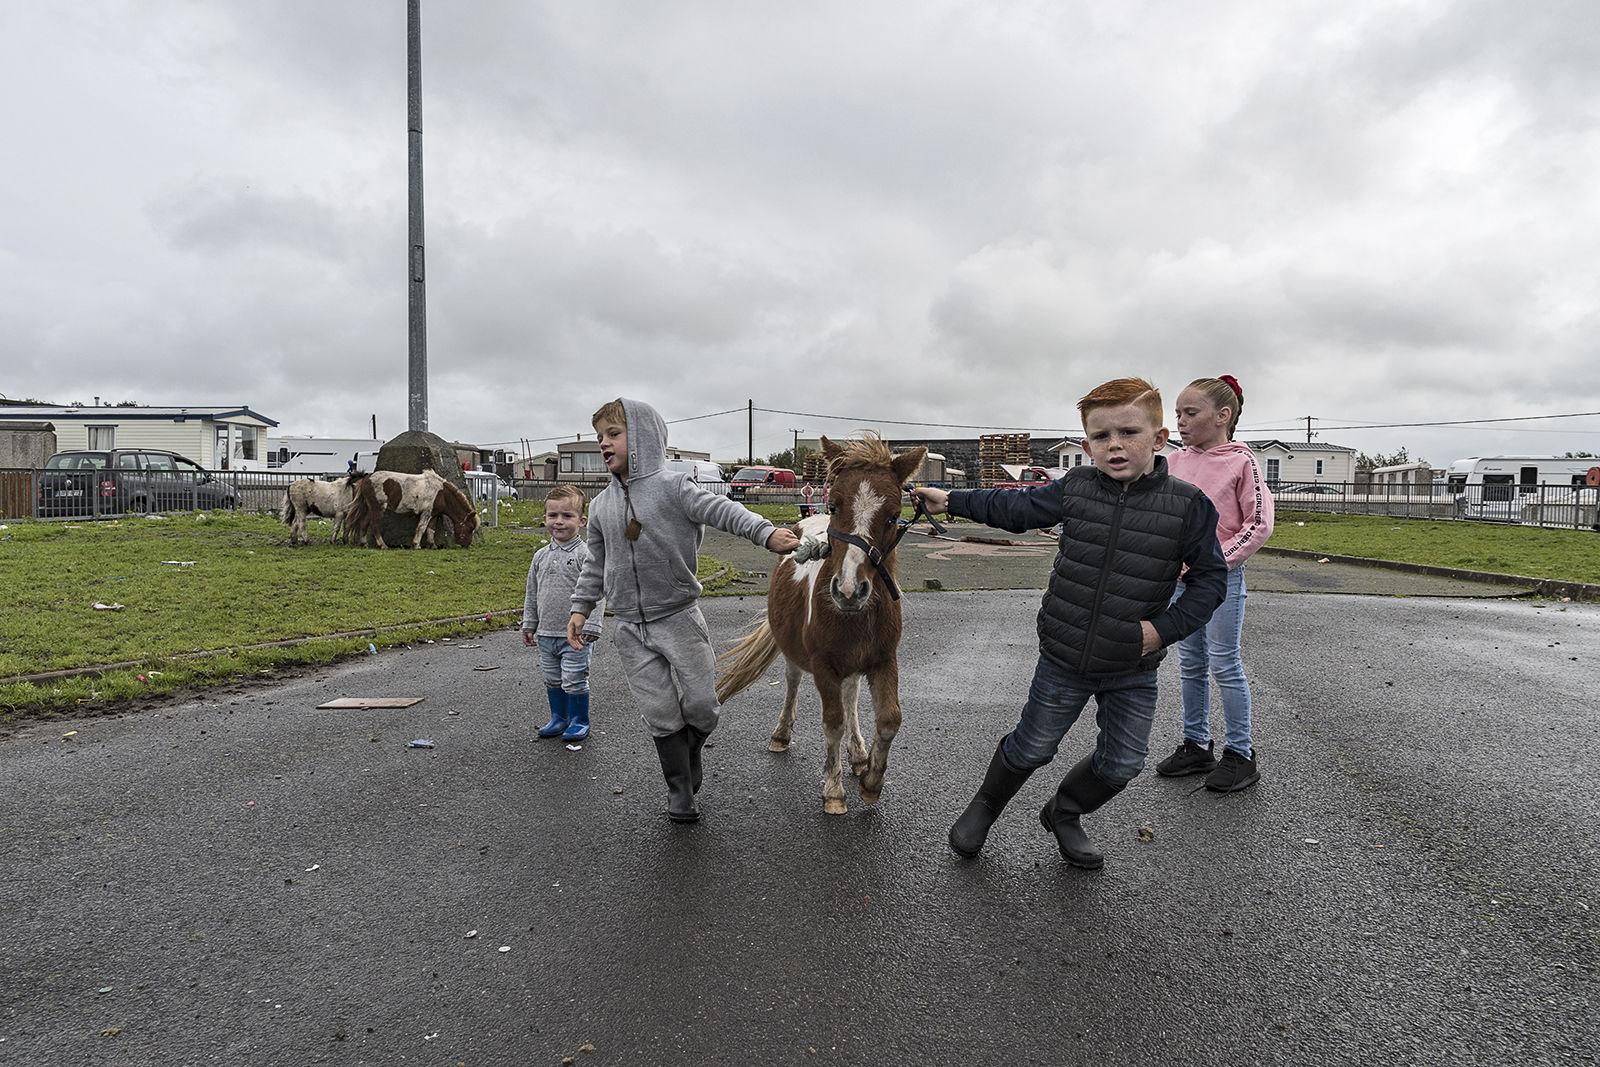 Kids with Pony, Galway, Ireland 2019